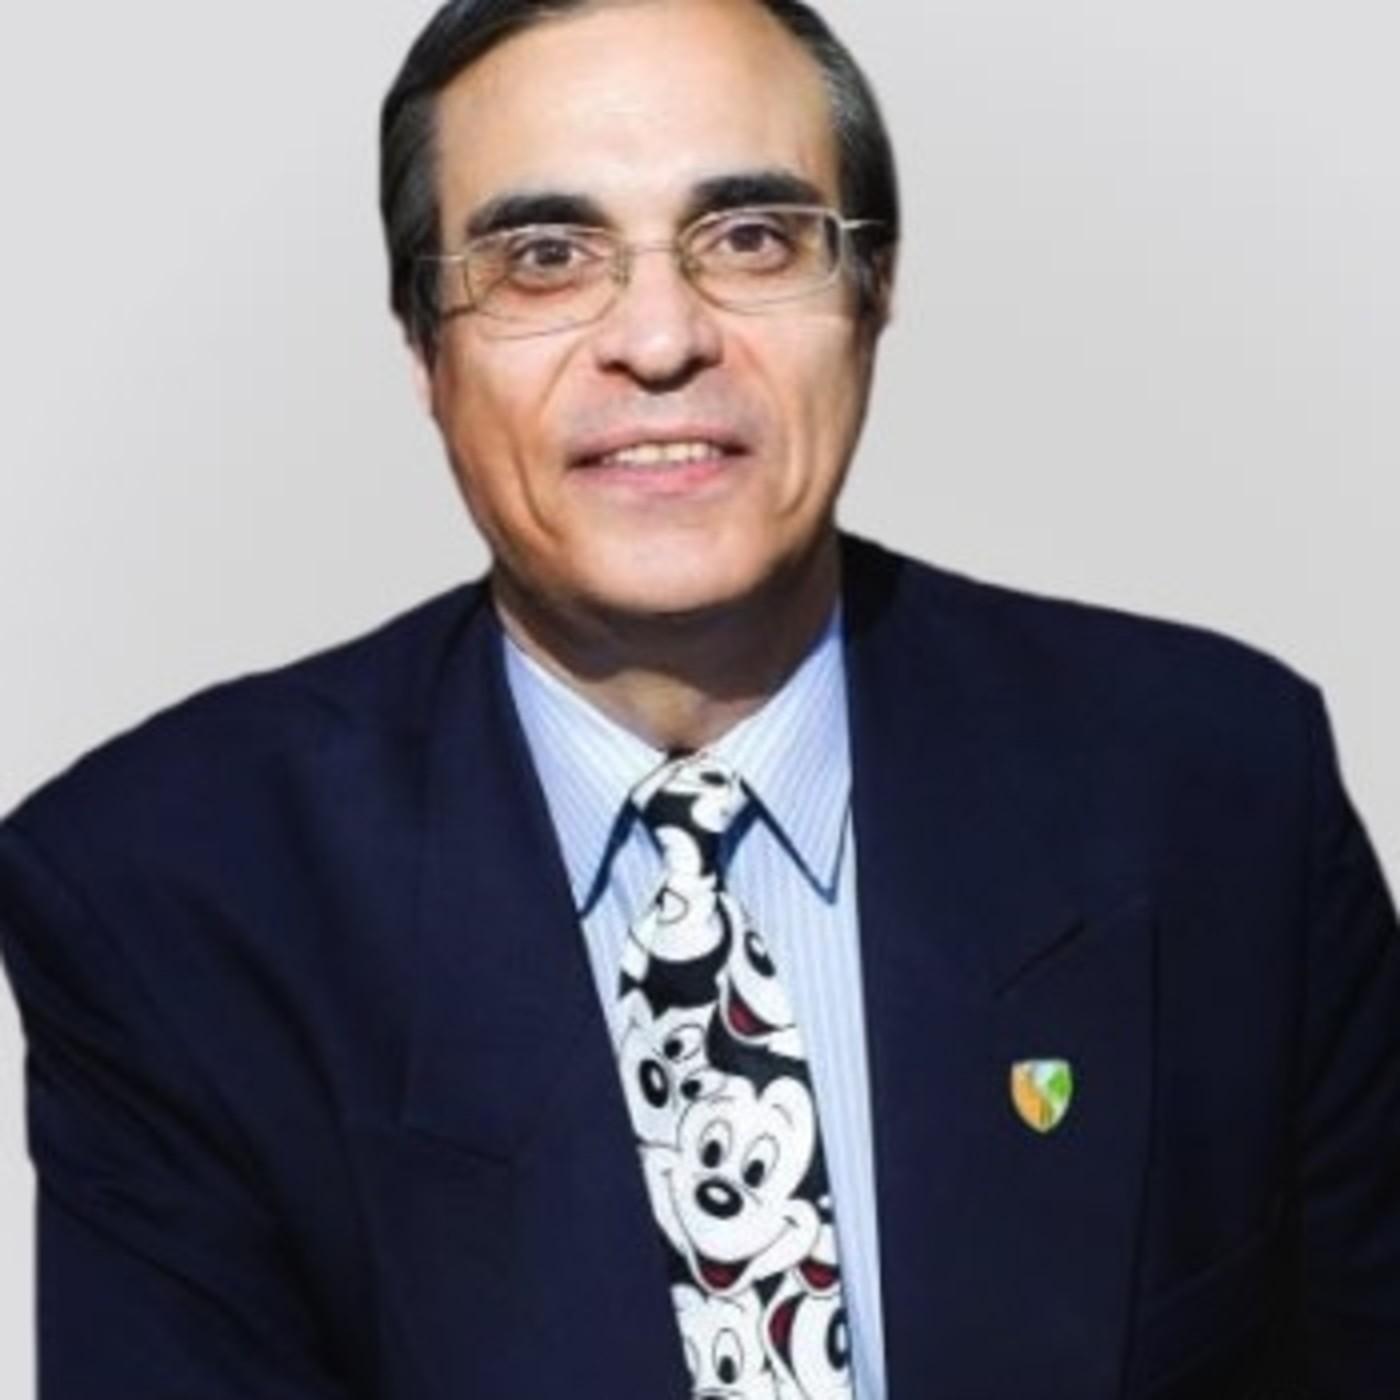 Futurista y transhumanista José Luis Cordeiro en Bolivia